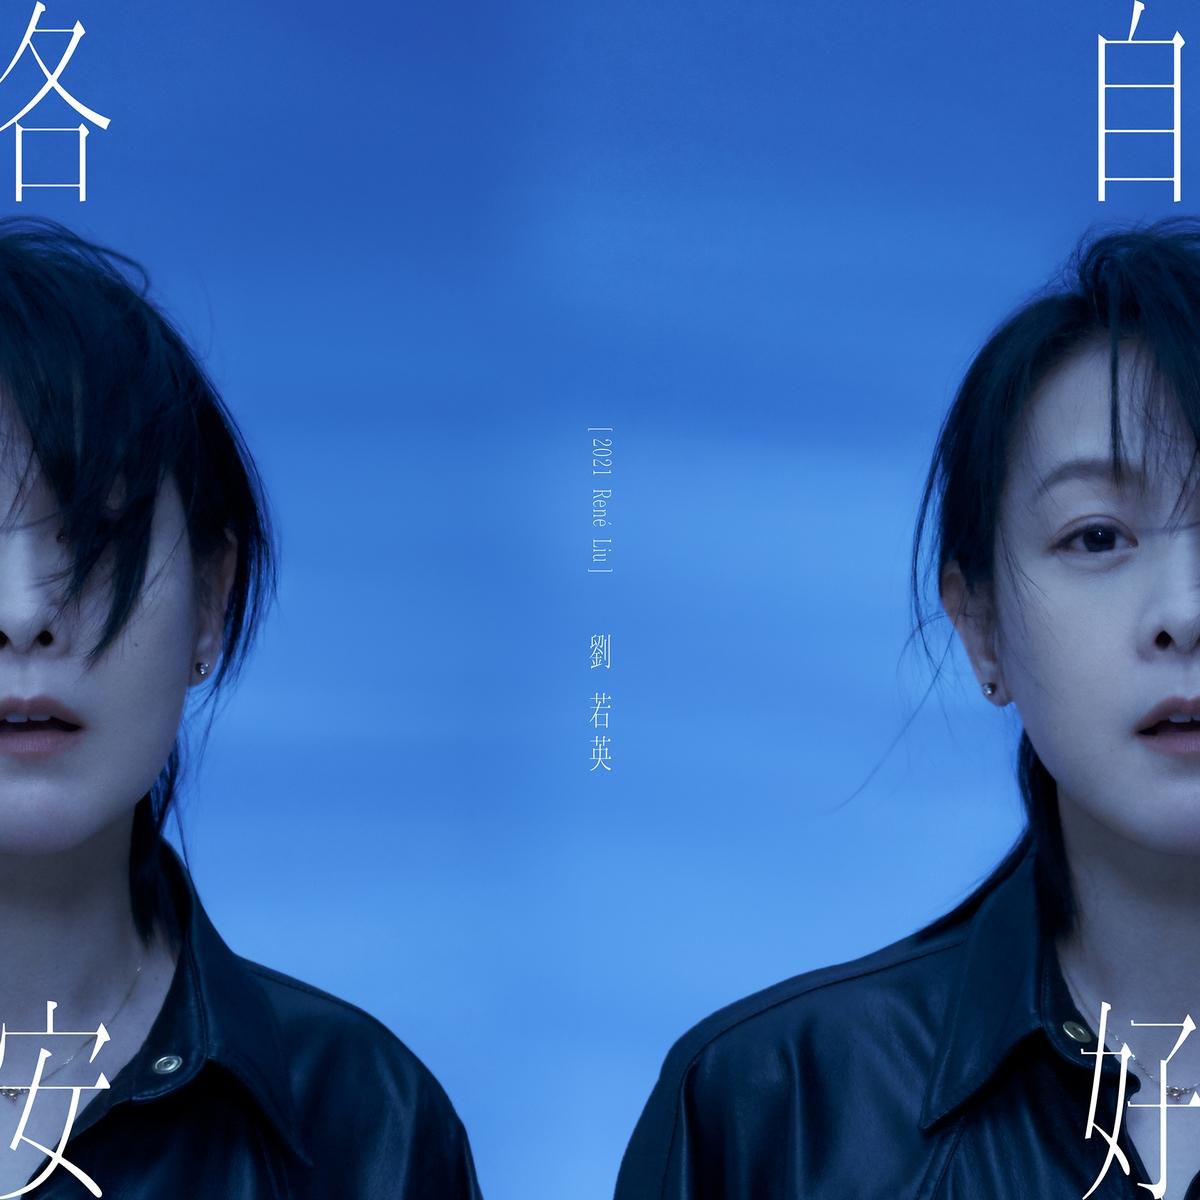 劉若英隔六年出輯琢磨唱法「每次都當最後一次」